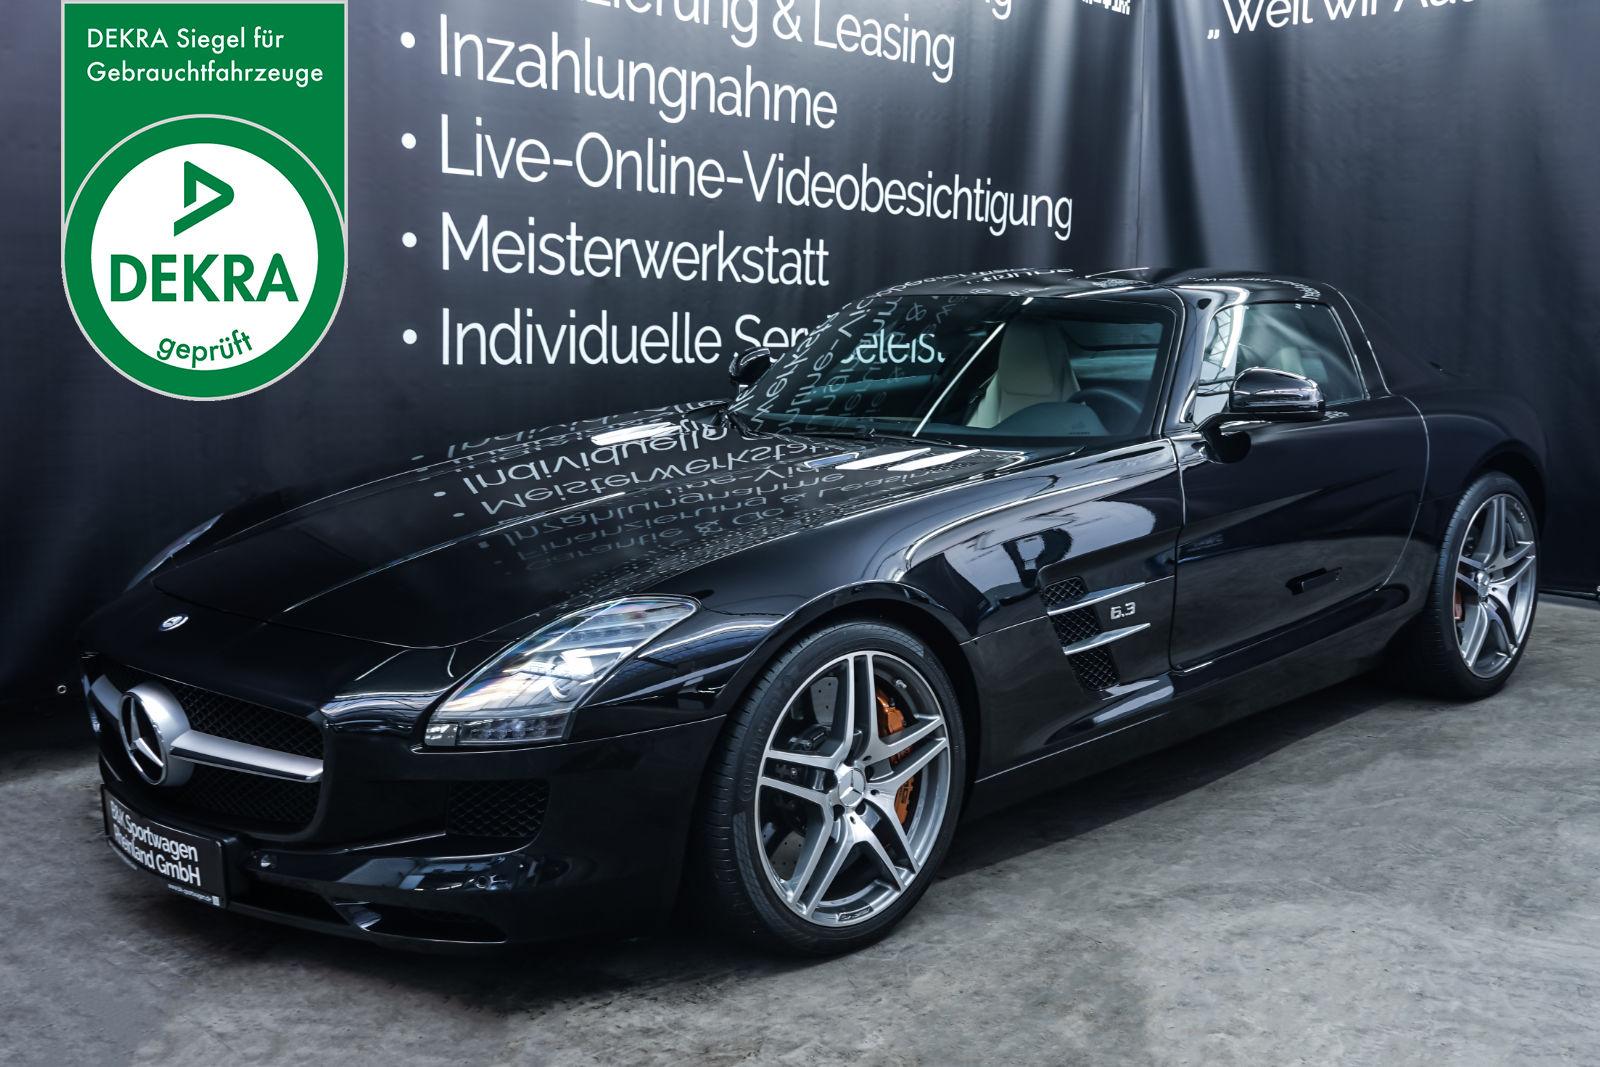 MercedesBenz_SLS-AMG-Coupe_Schwarz_Weiß_MB-3380_Plakette_w